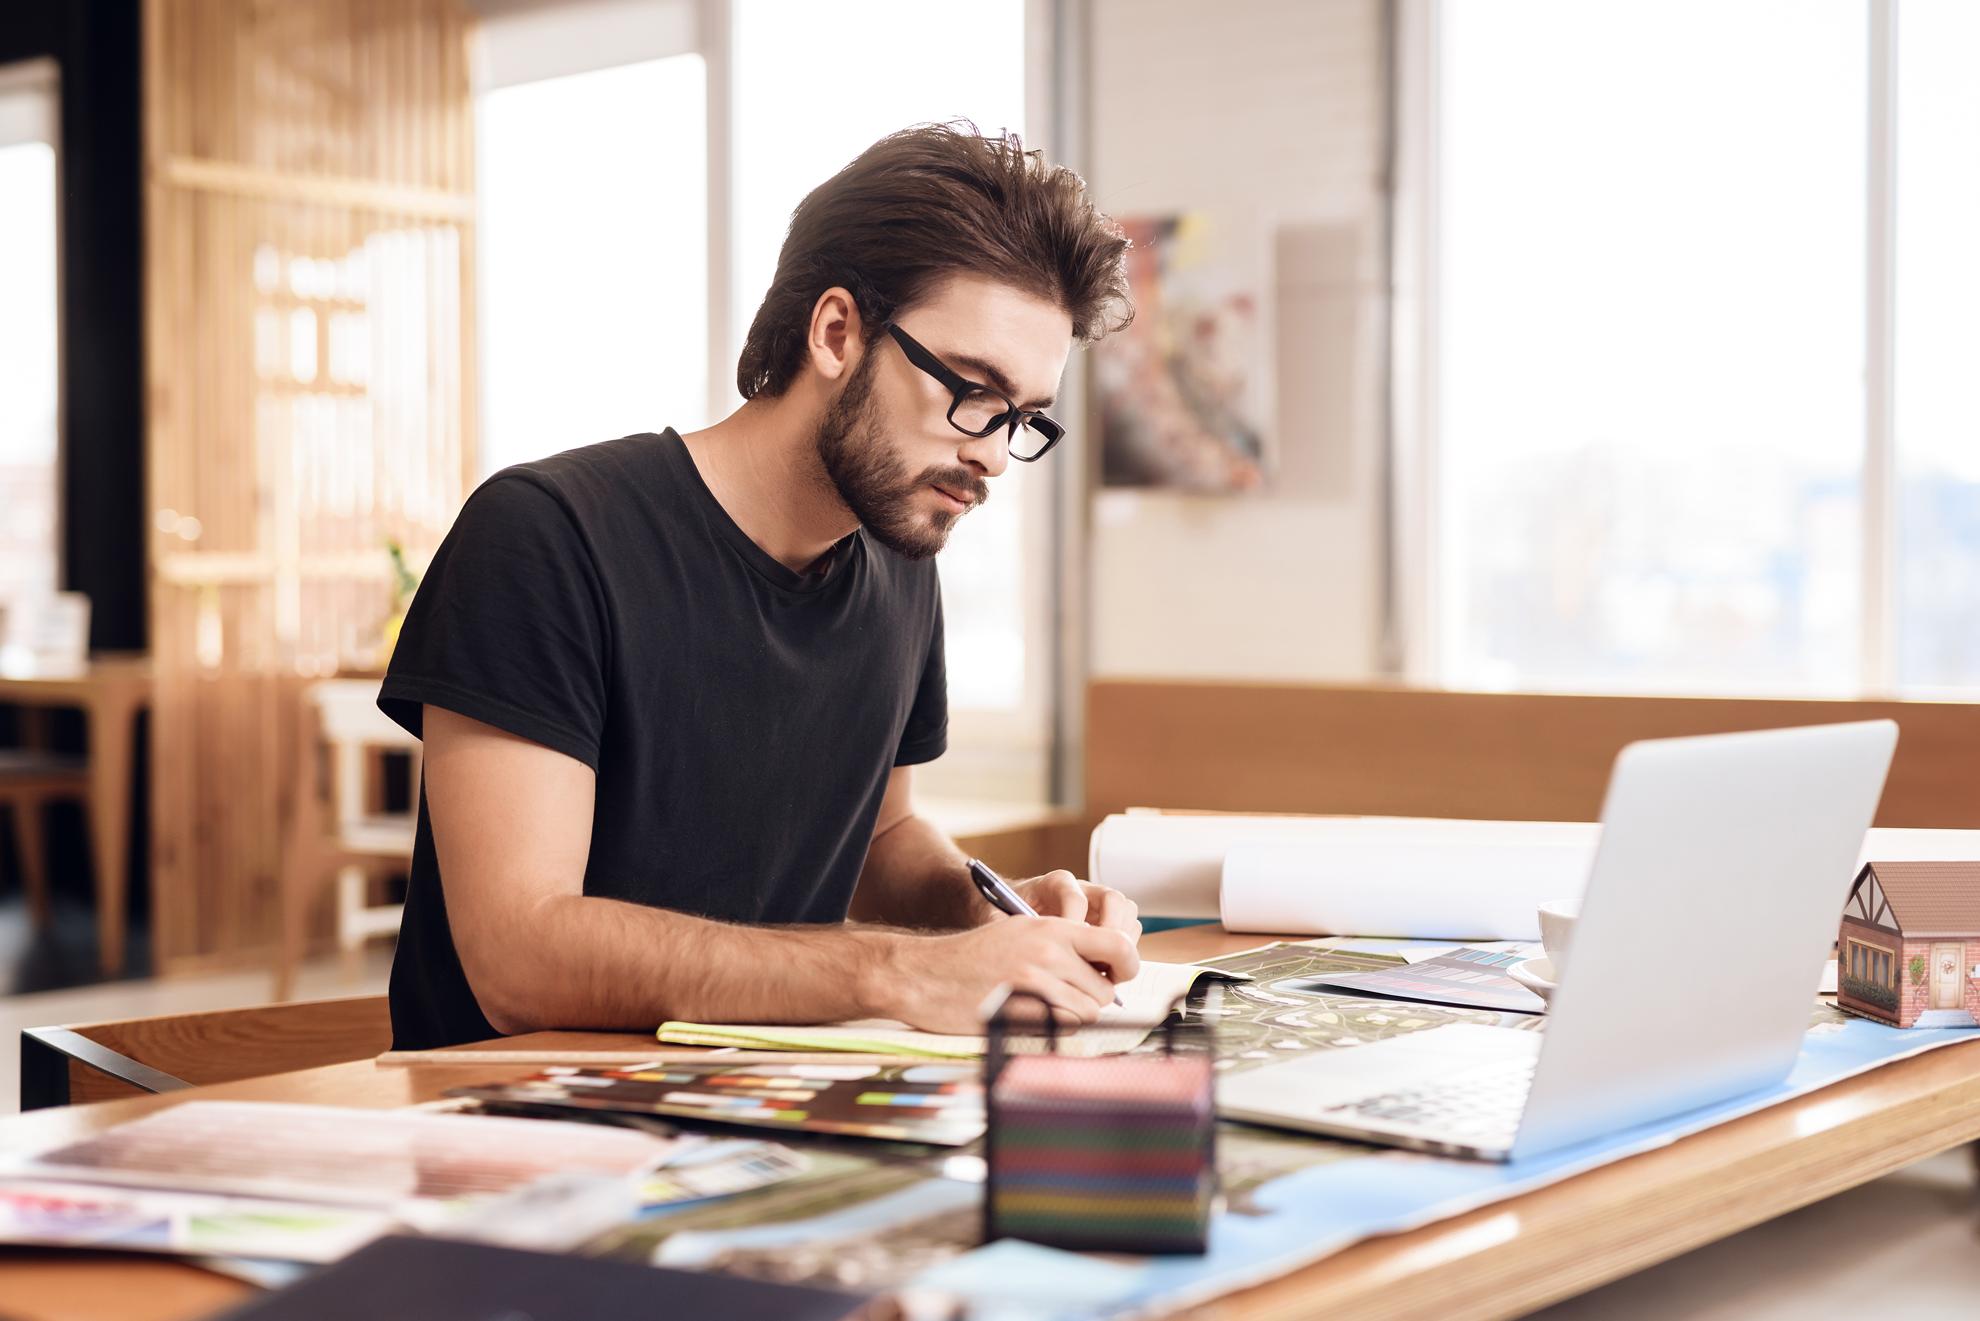 designer kelton digital marketing grafica vectoriala